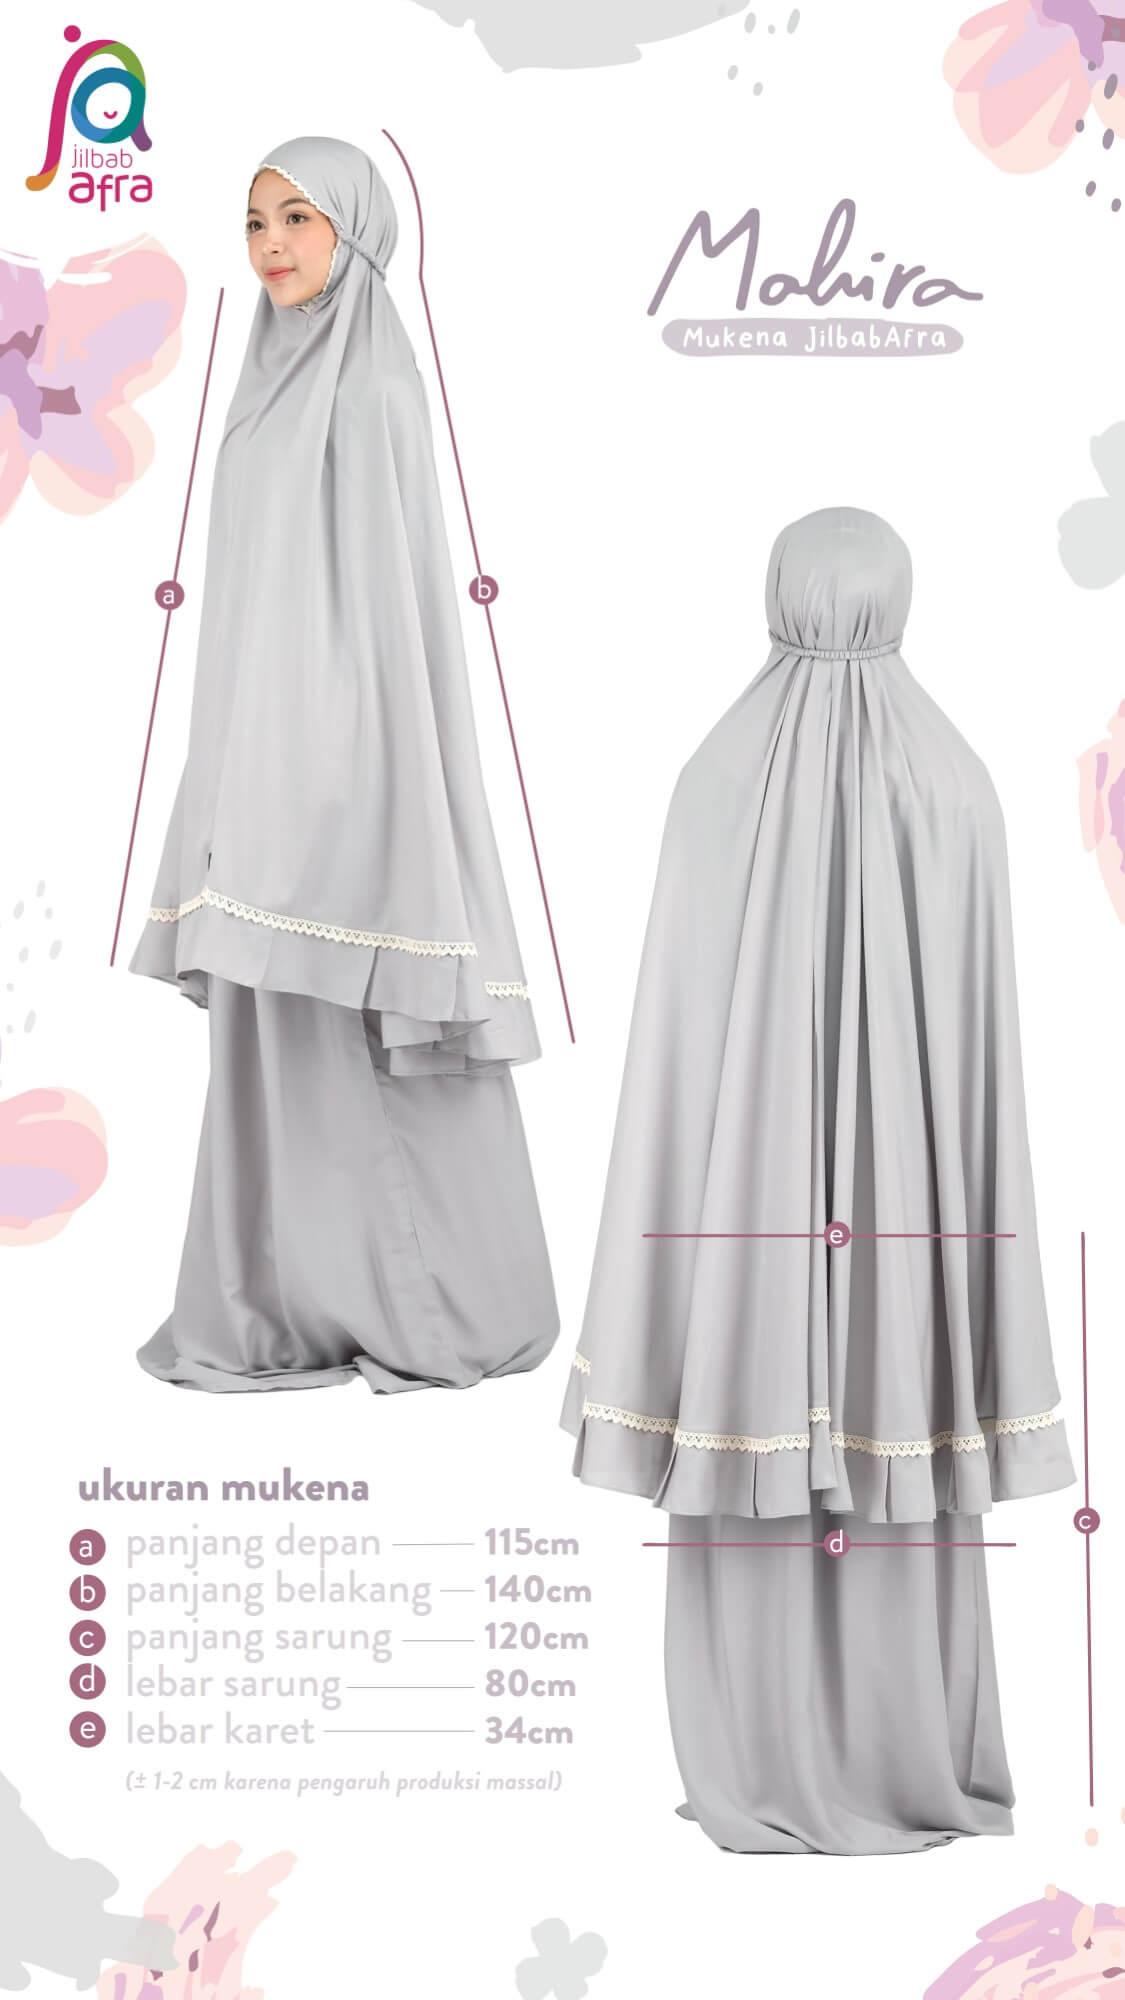 Ukuran Mukena Mahira